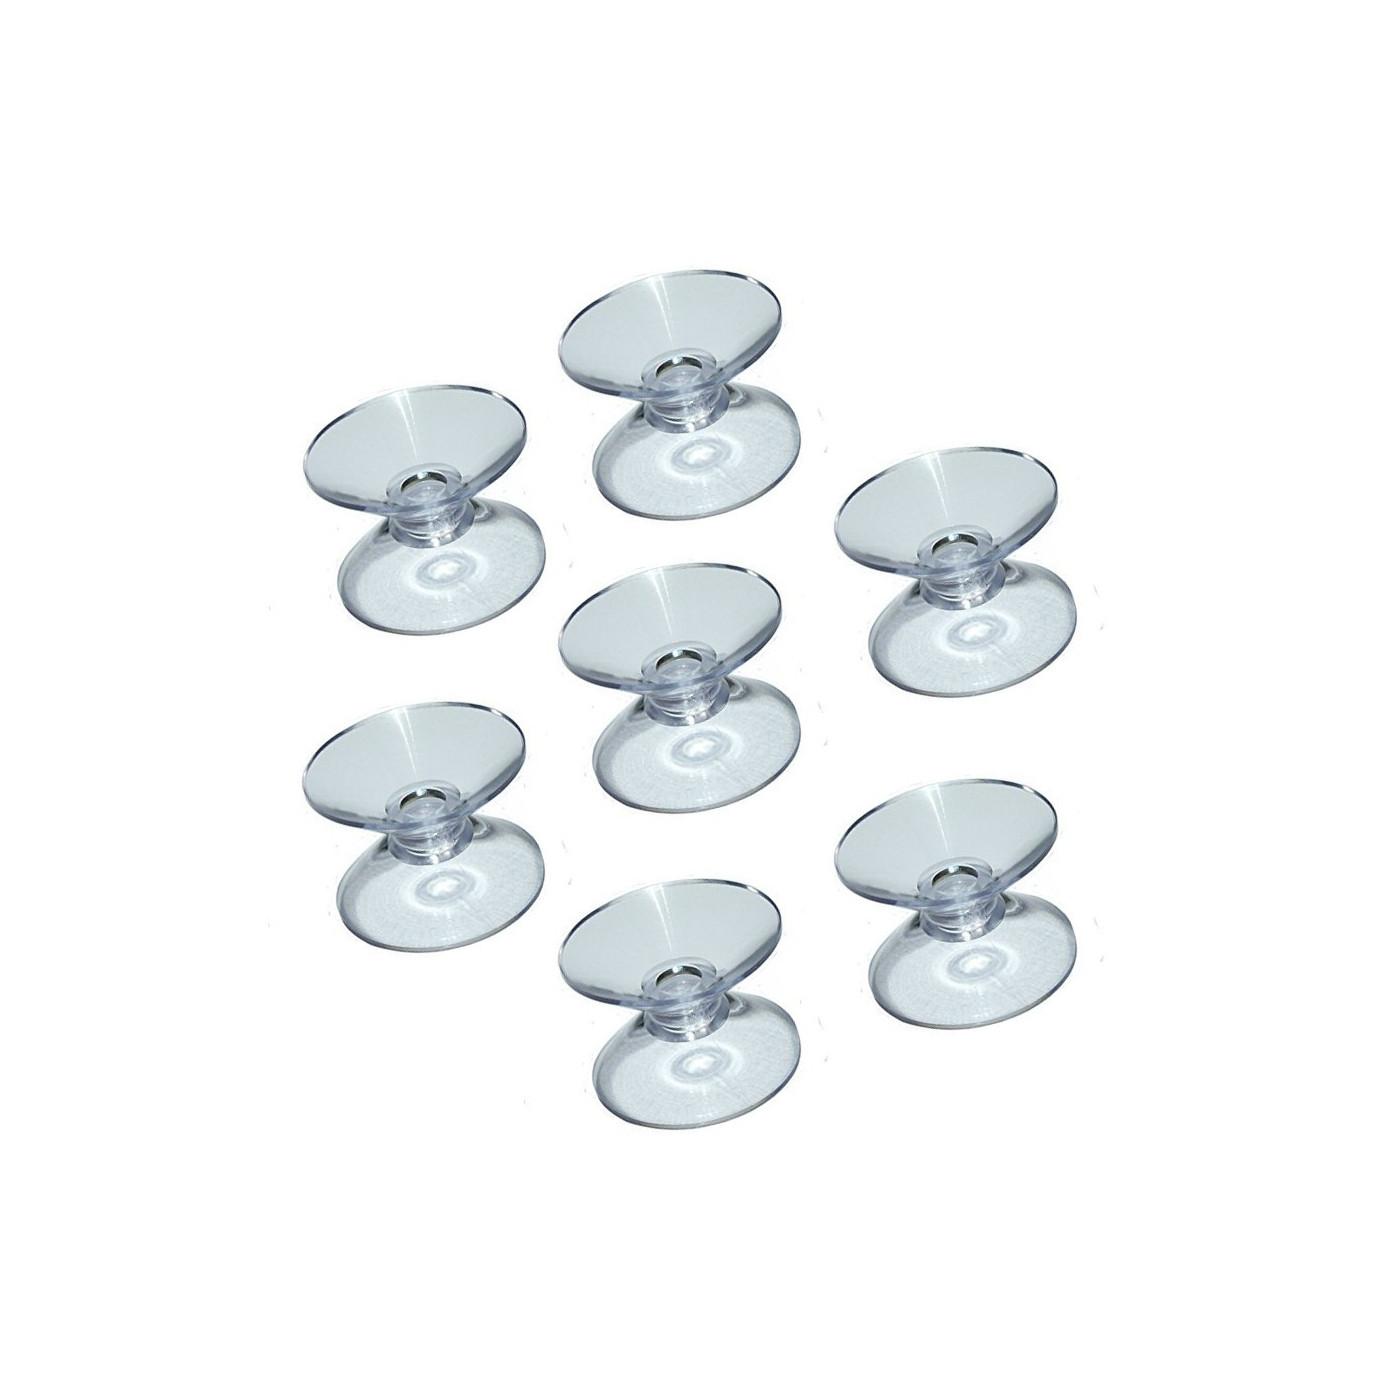 Set von 100 gummisauger doppelt (20 mm)